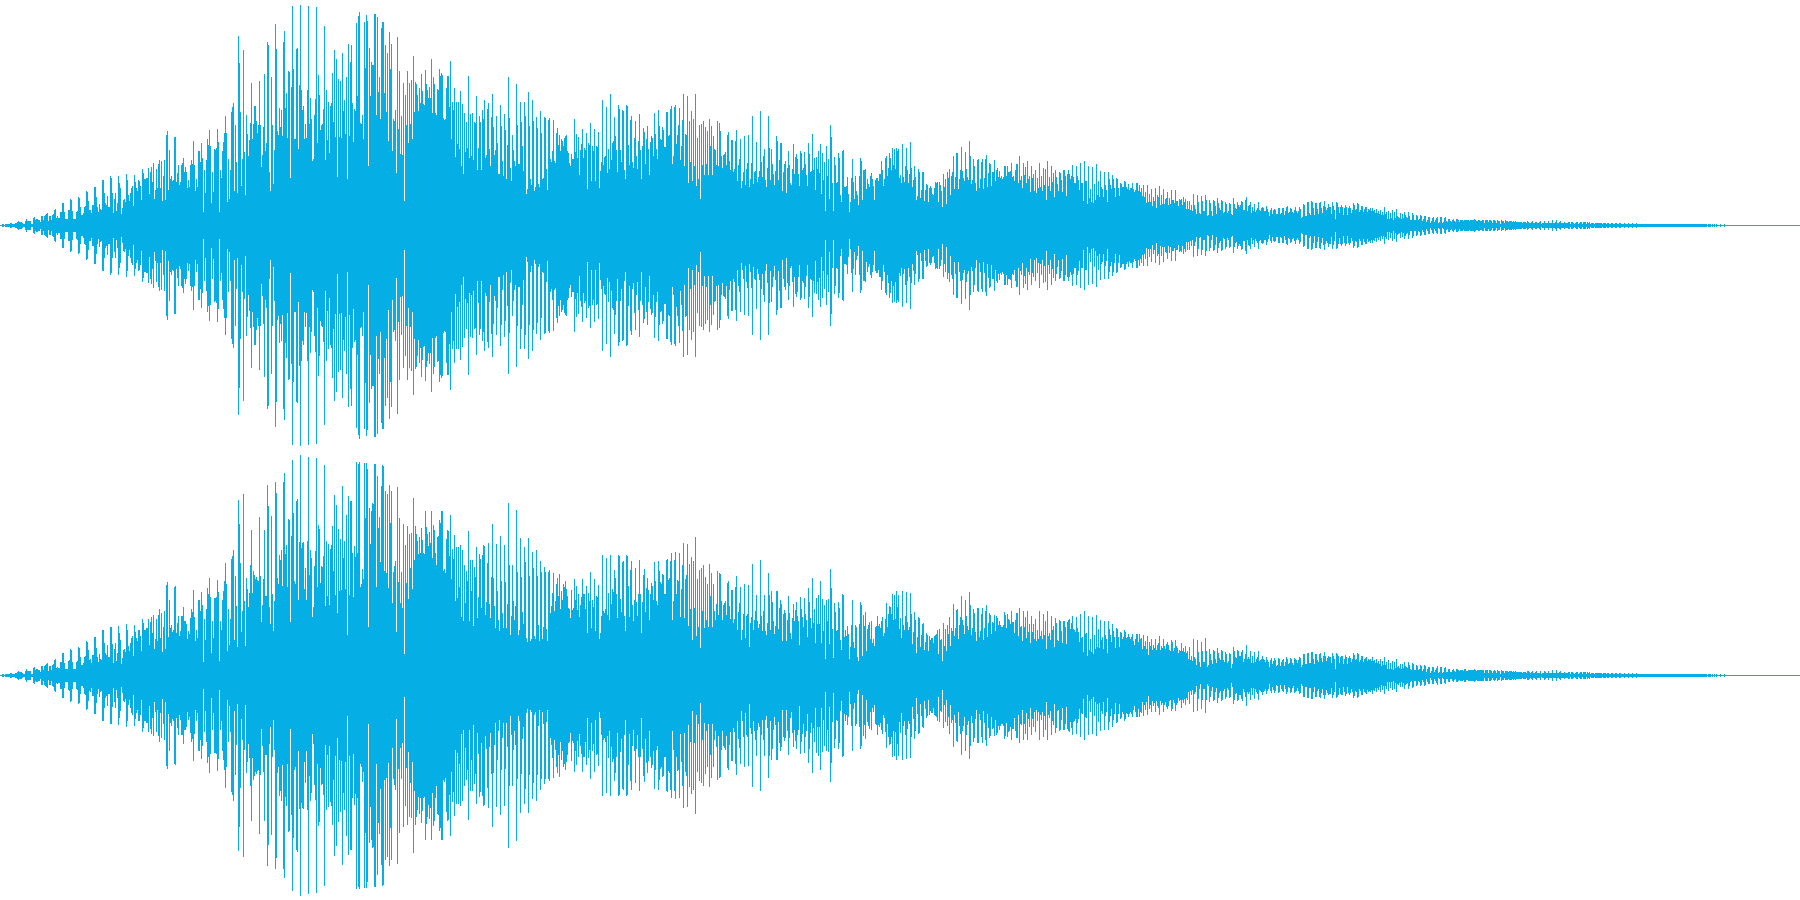 【ダークアンビエント】不気味な空間の再生済みの波形